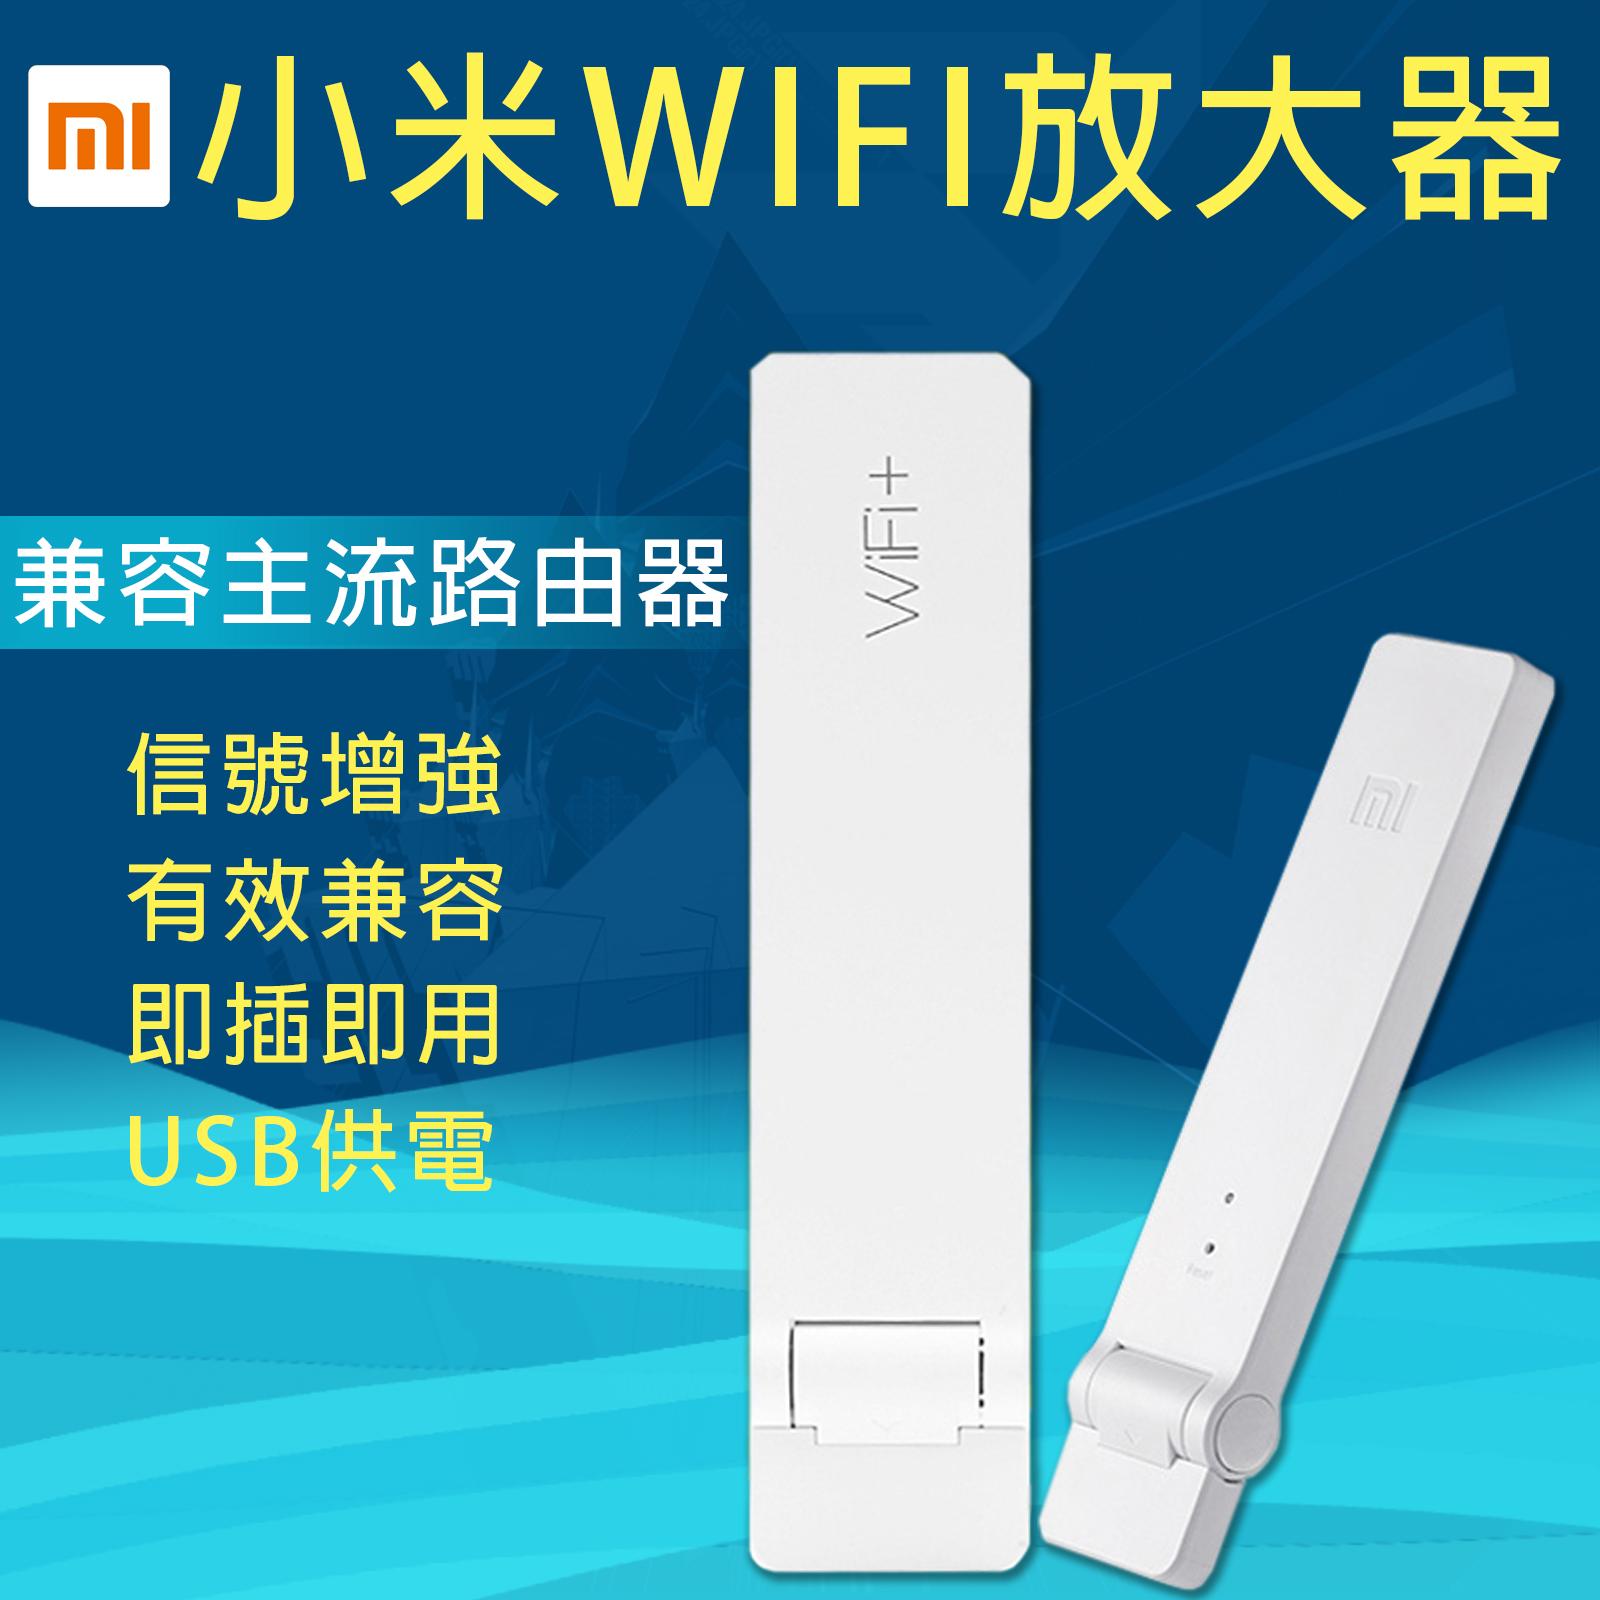 【原廠正貨】小米WIFI信號增強放大器 無線家用路由器增強USB便攜式 擴大器【O3227】☆雙兒網☆